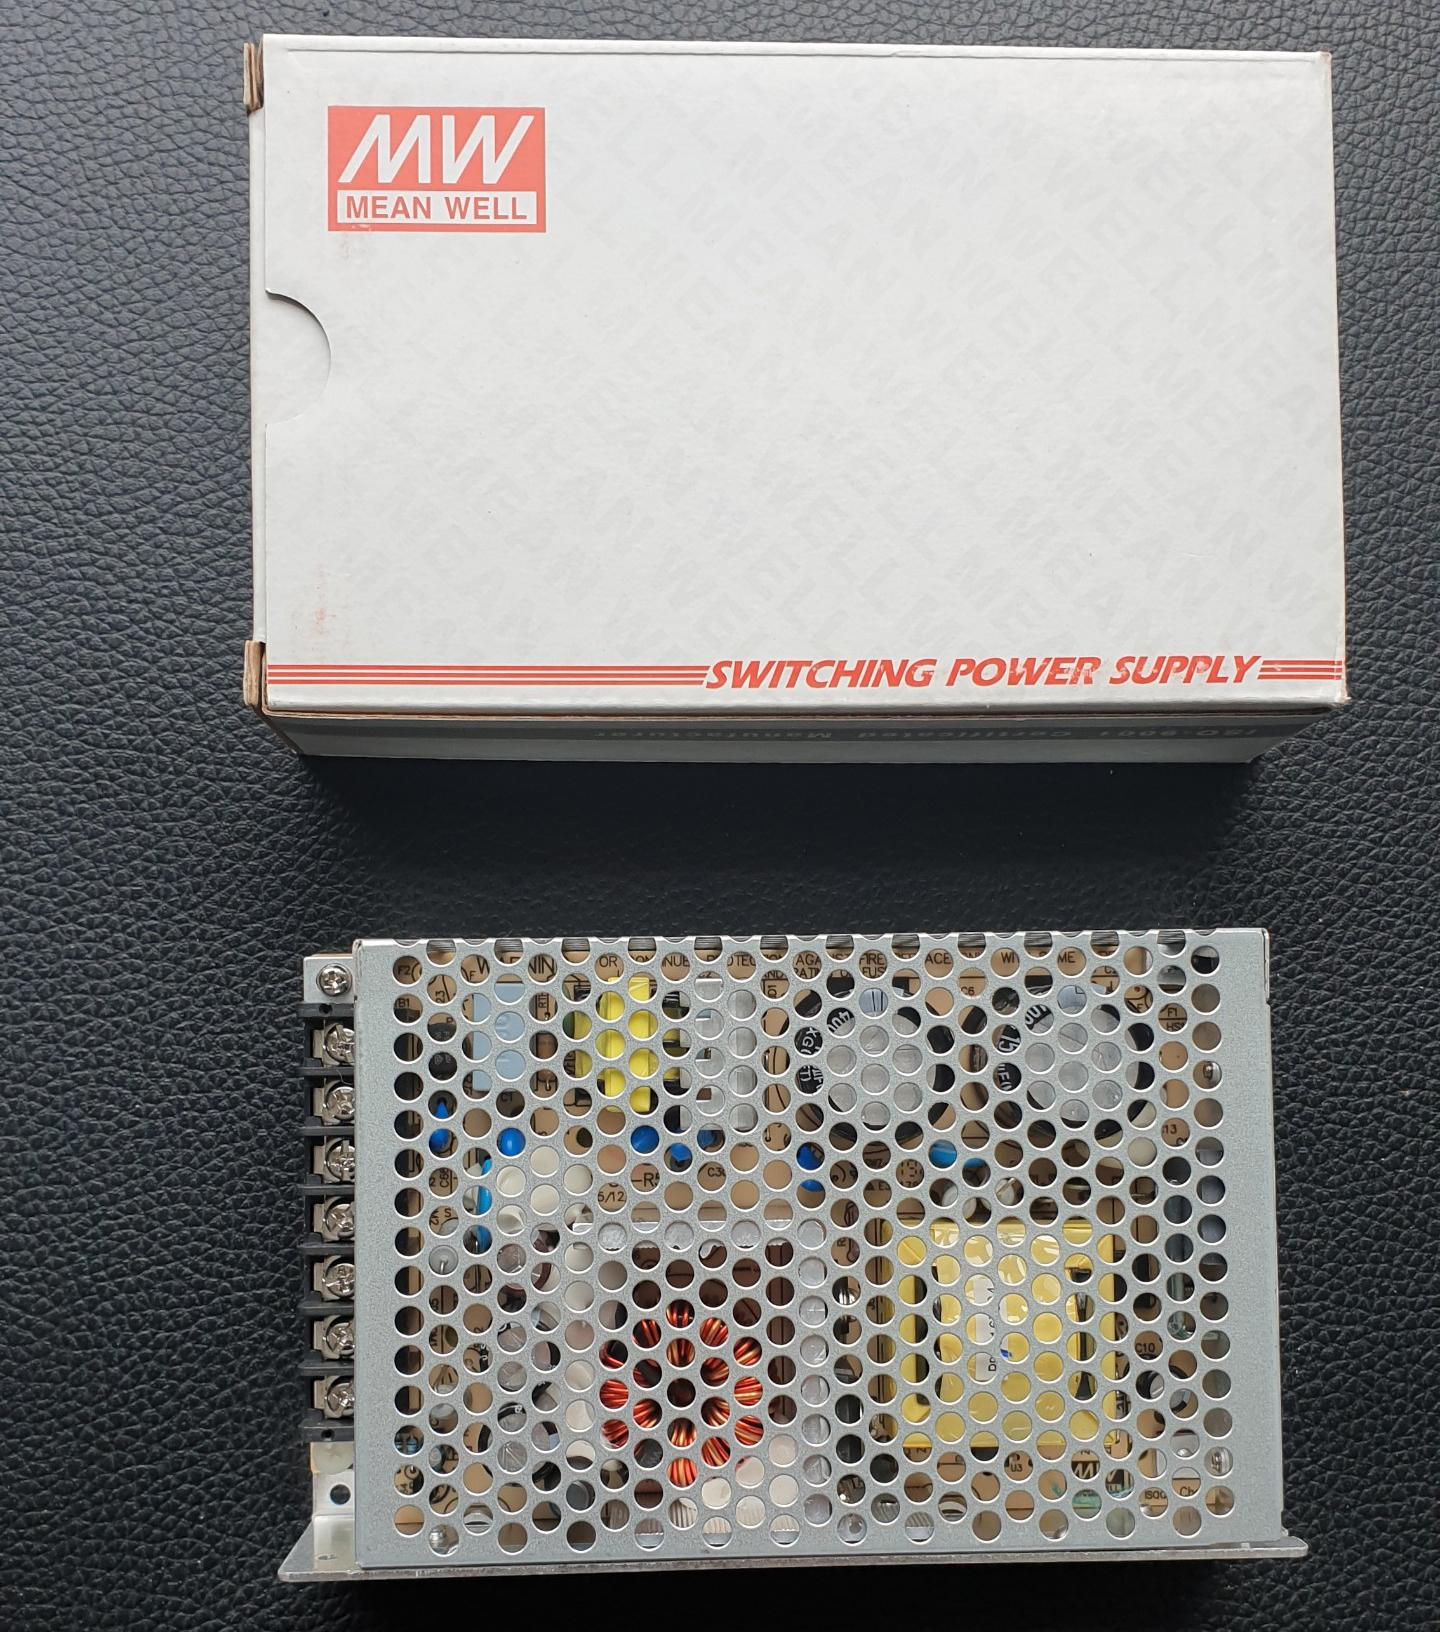 Nguồn Công nghiệp Mean Well Công suất 85 W, Điện áp ra 5V-8A, 24V-2A, Model: RD-85B. Hàng chính hãng